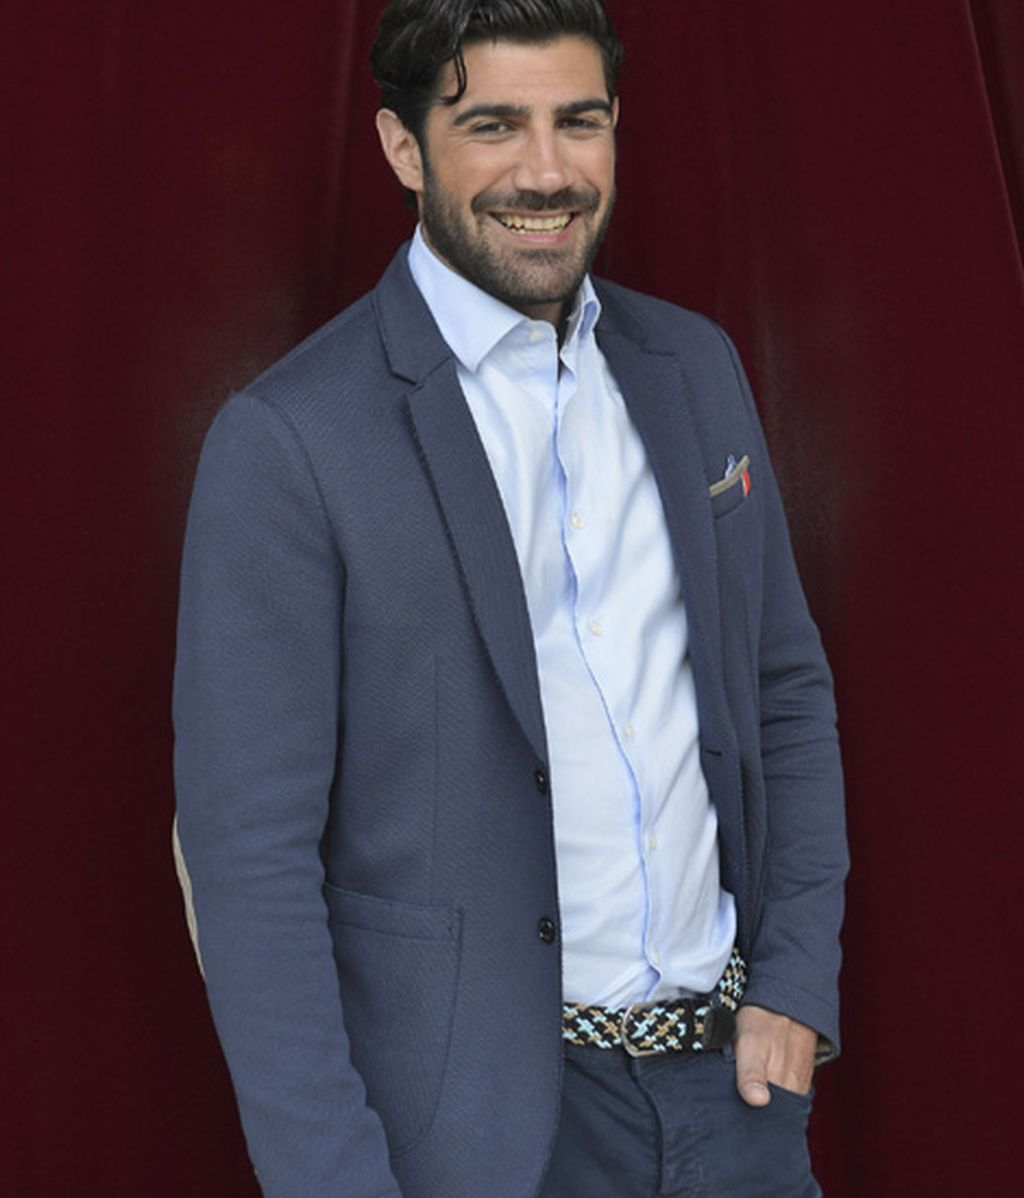 """Bruno Castellote, 'guapo': """"Le doy a las pibitas una de cal y una de arena"""""""